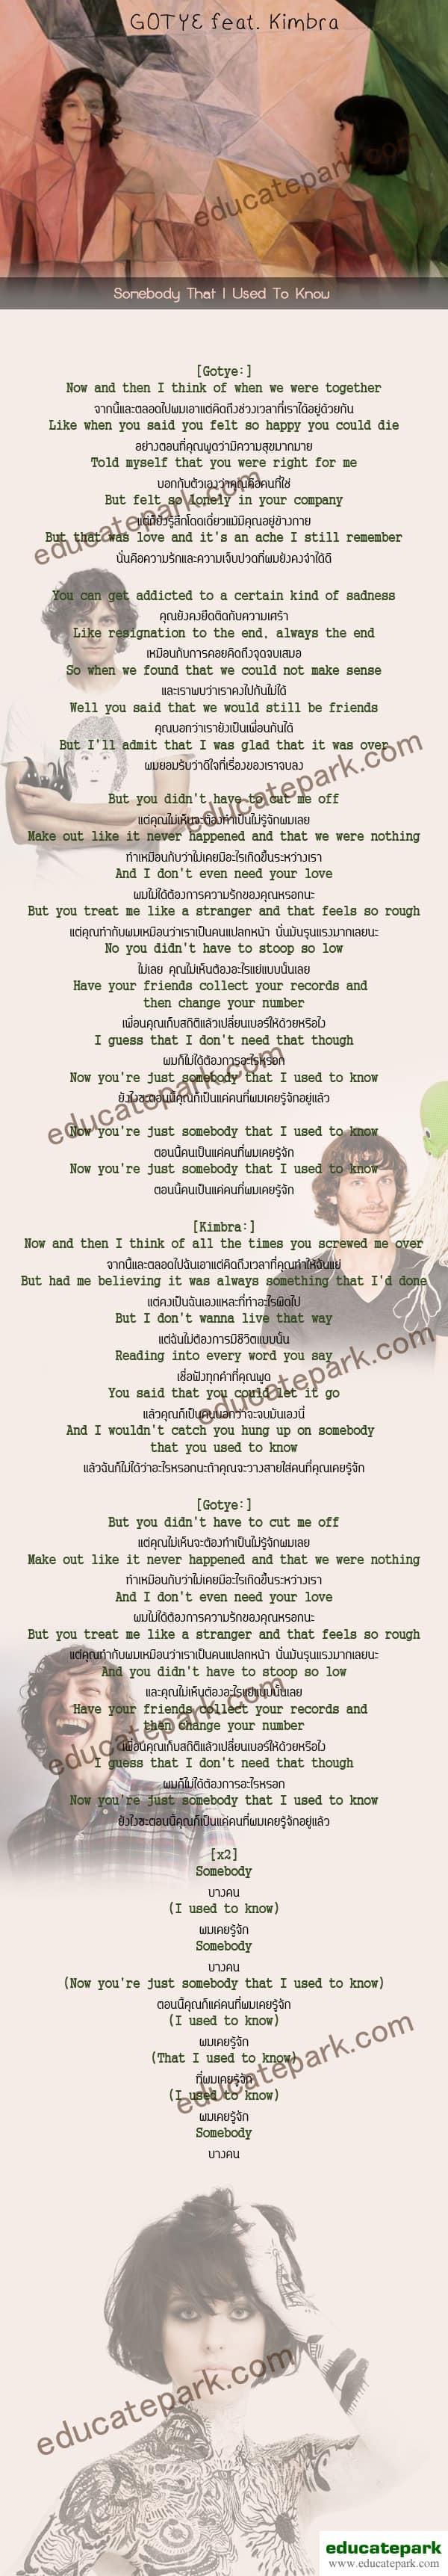 แปลเพลง Somebody That I Used To Know - Gotye (feat.Kimbra)